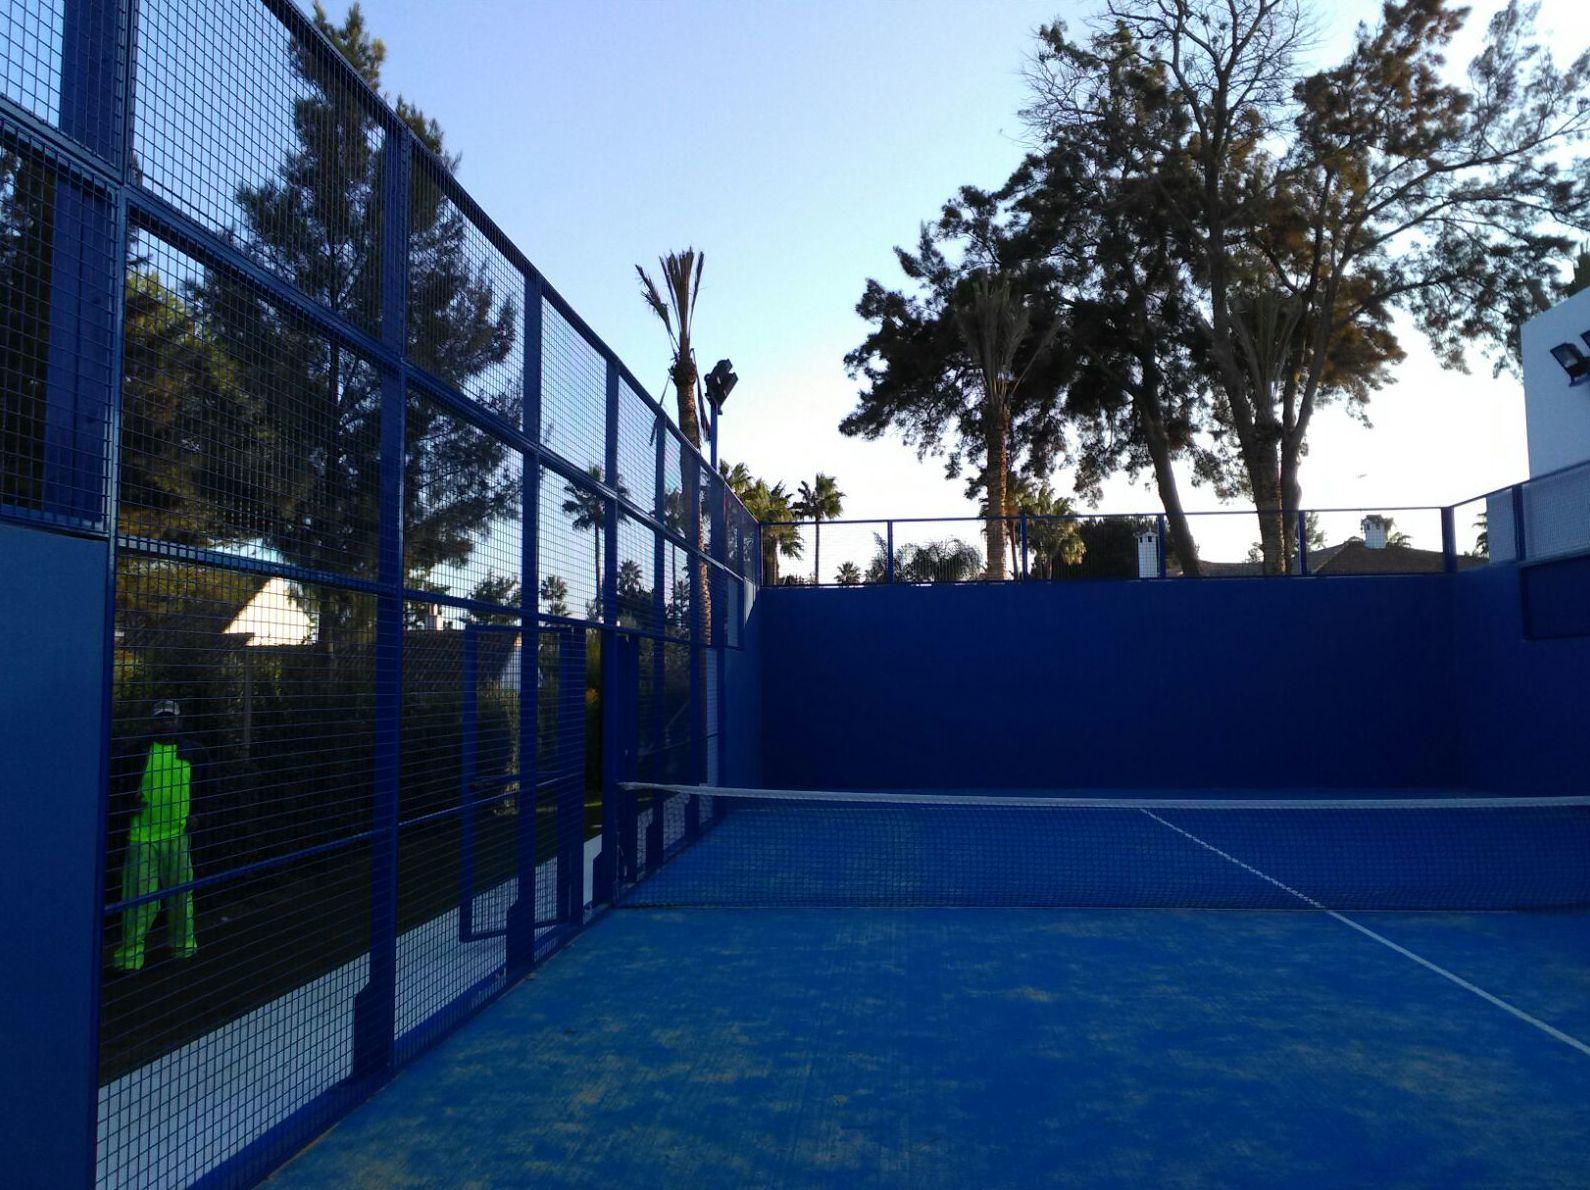 Instalaciones deportivas Sevilla